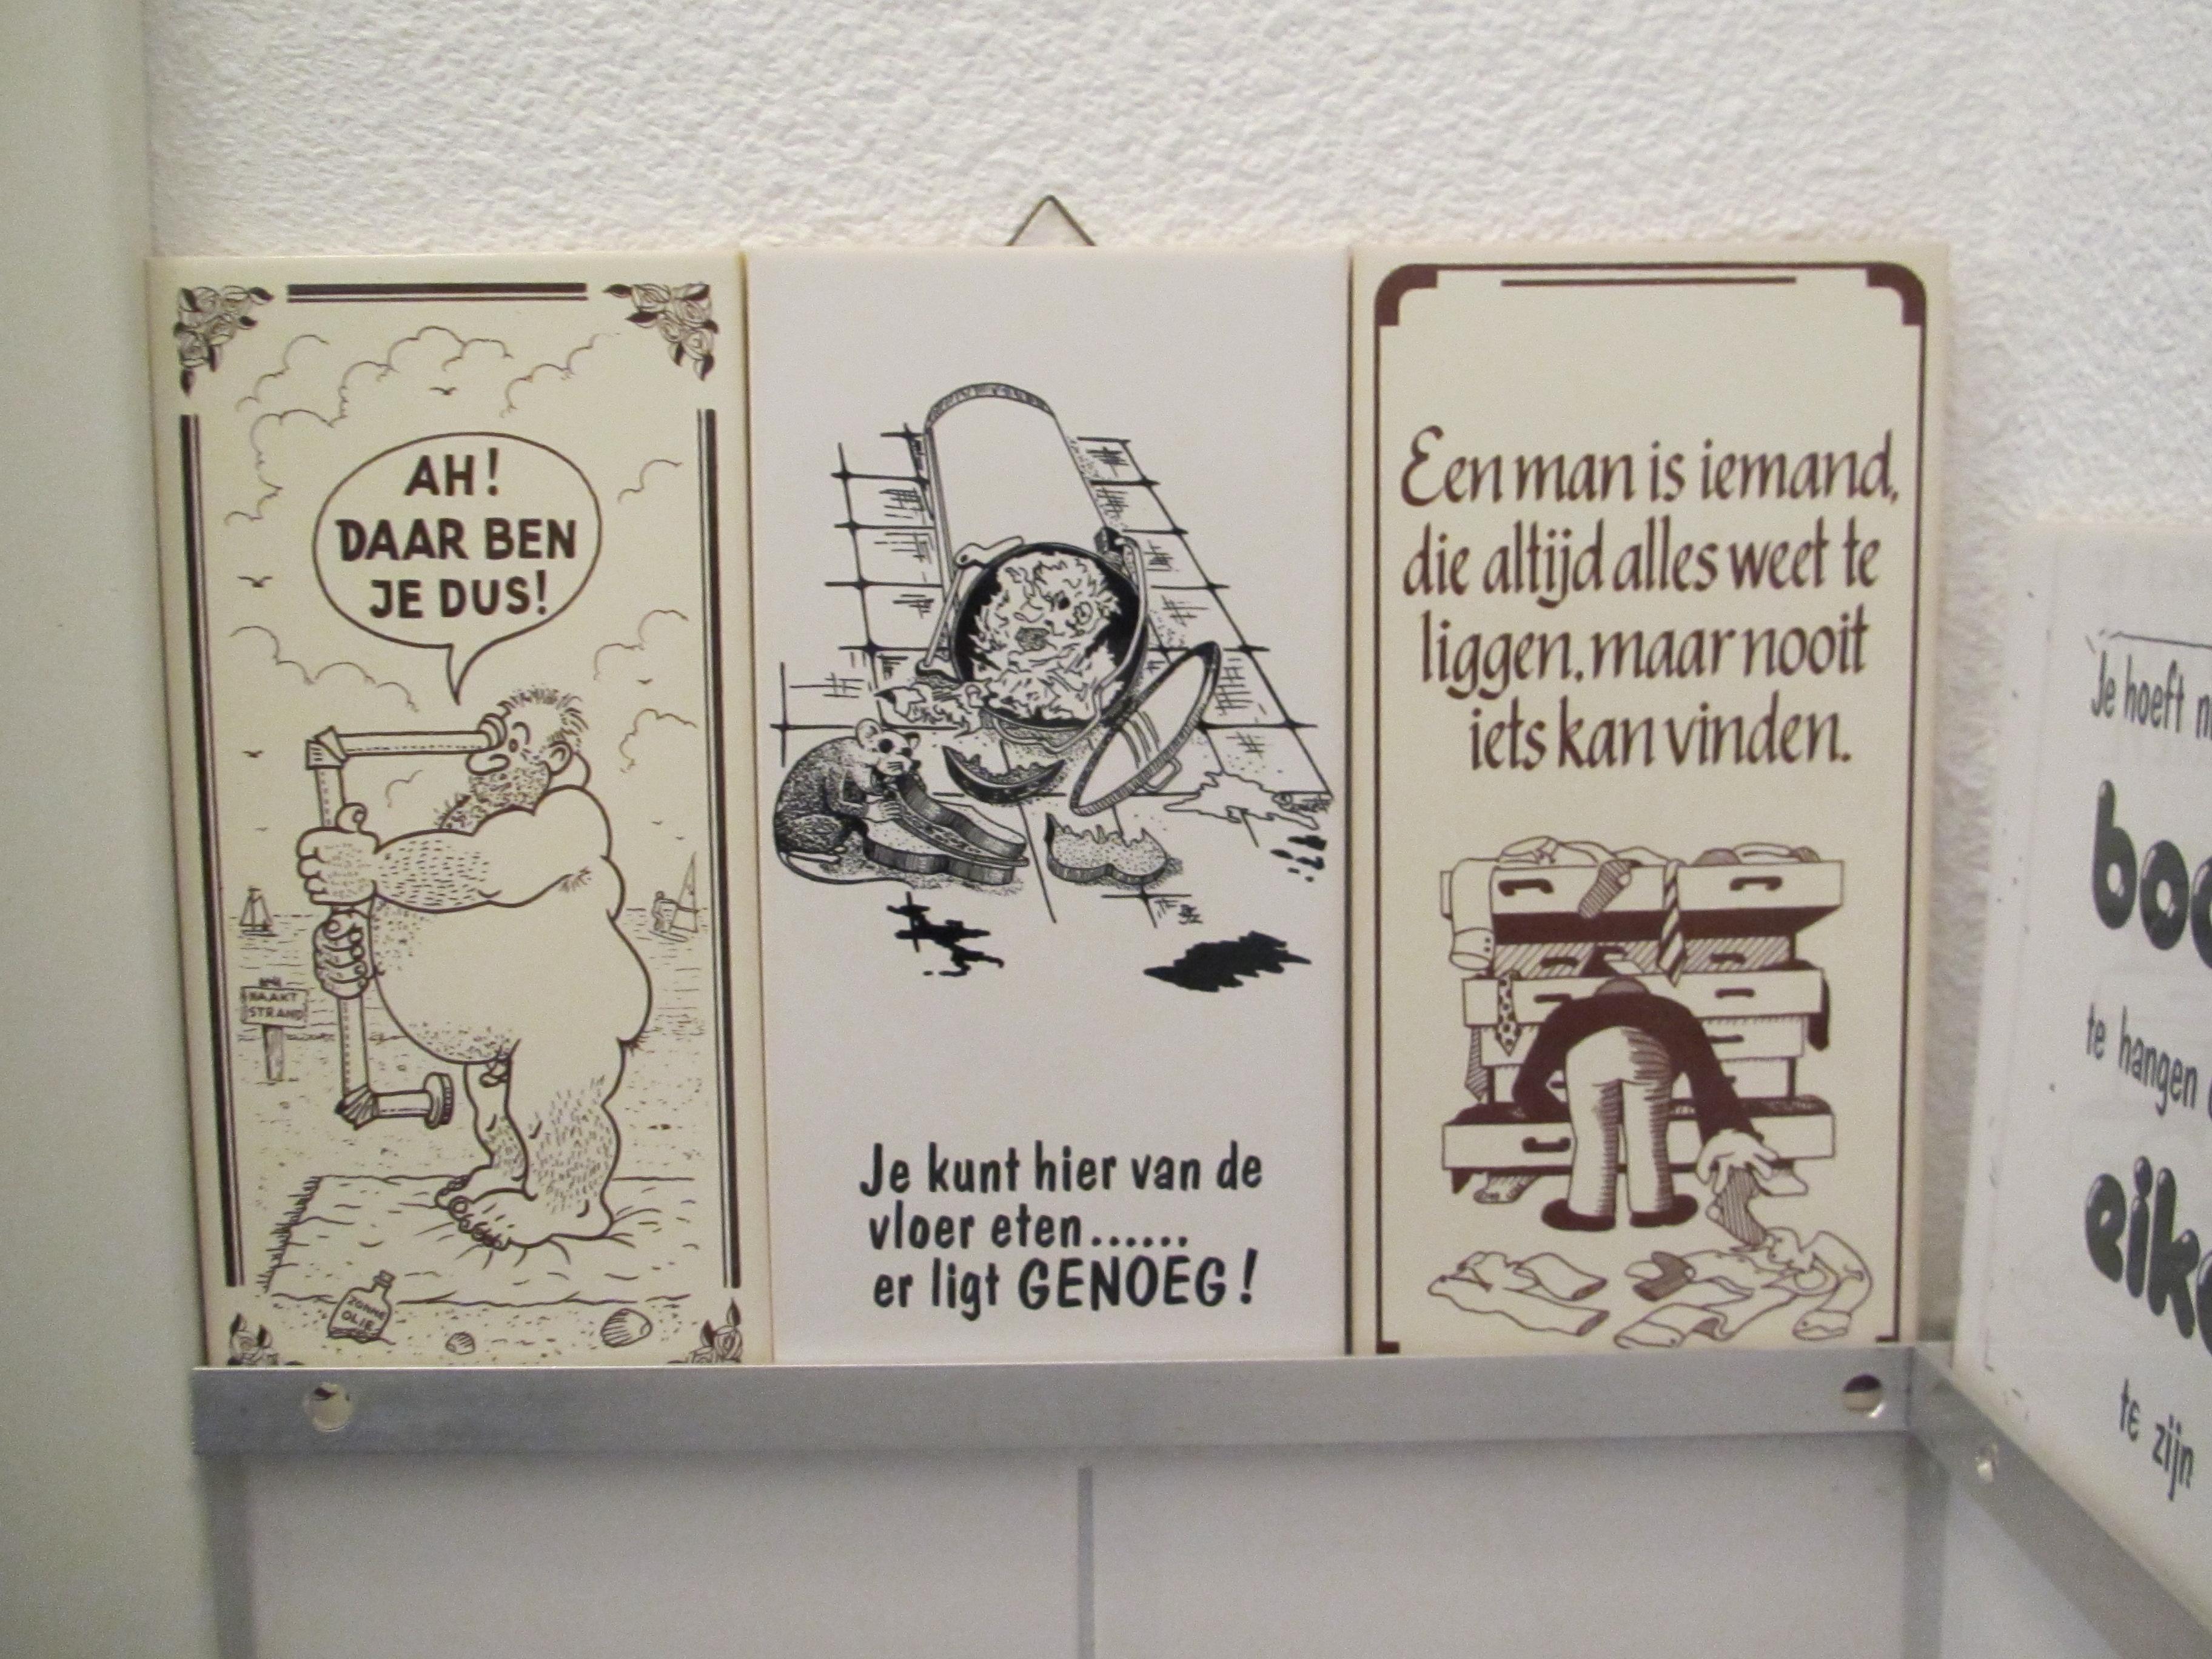 tegeltjes spreuken toilet Genoeg Wc Spreuken Grappig &SP_02 – BlessingBox tegeltjes spreuken toilet